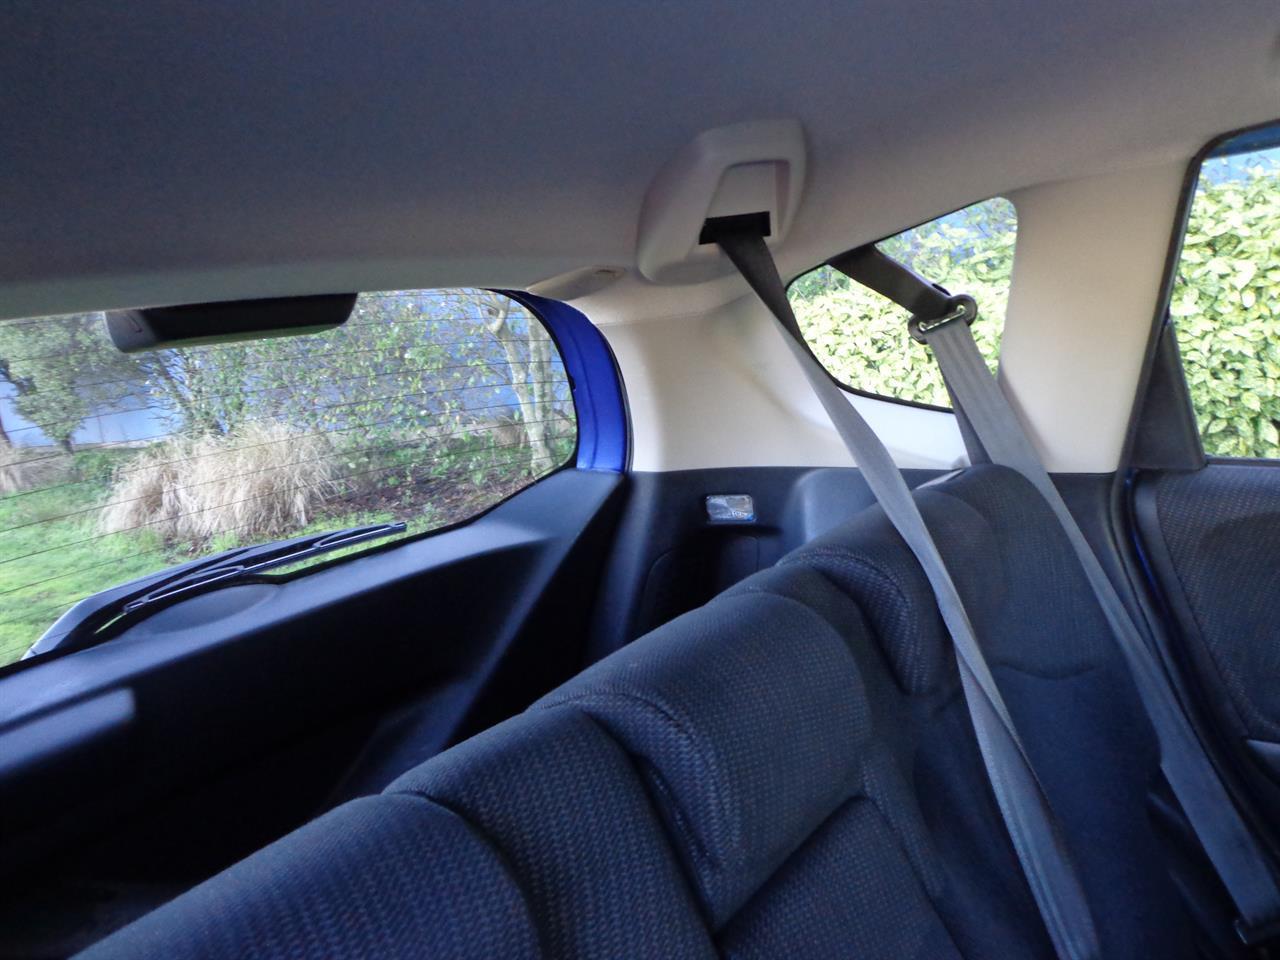 image-13, 2012 Honda FIT HYBRID at Christchurch